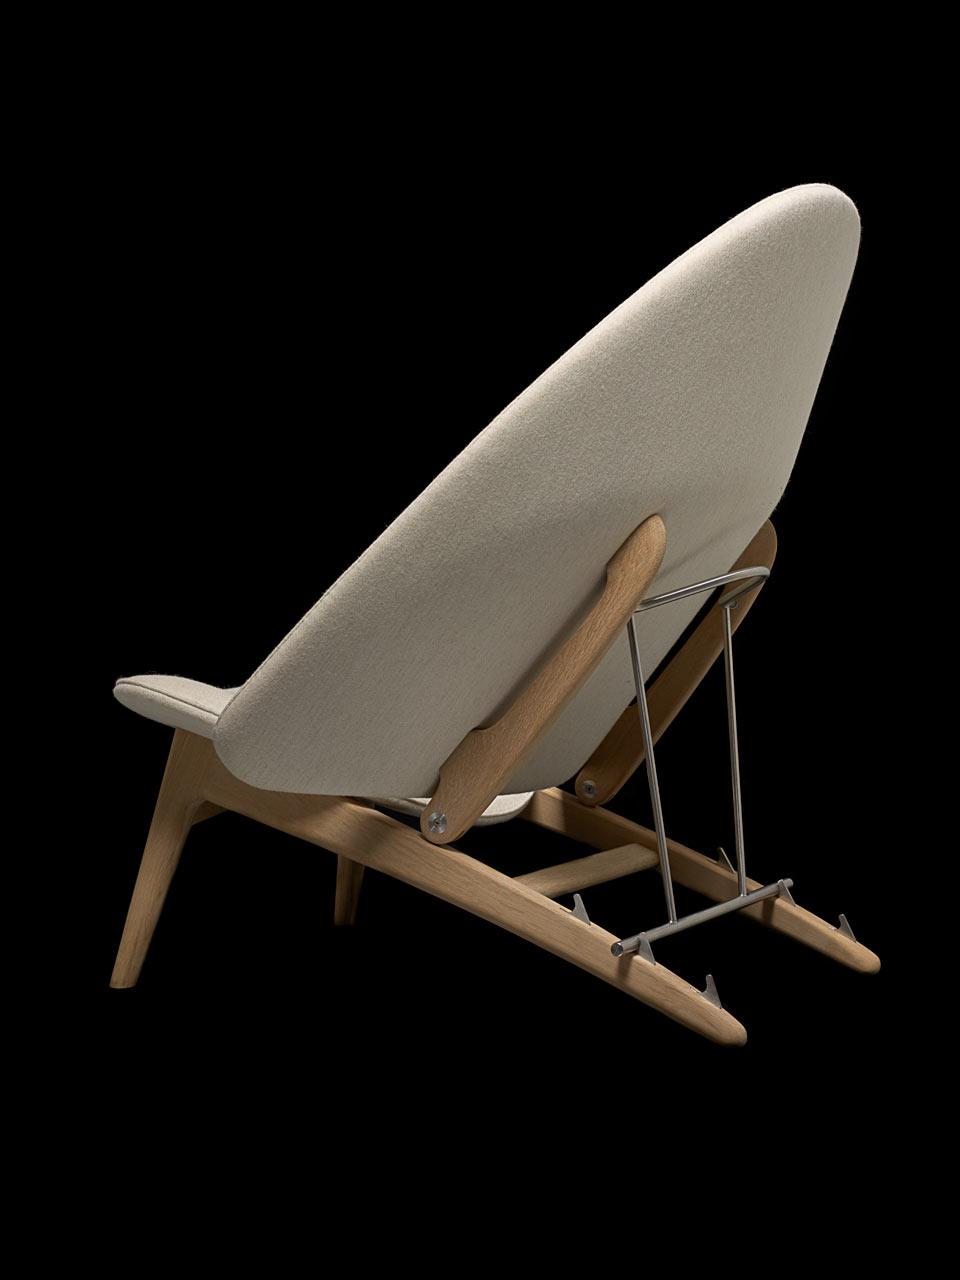 PP Mobler To Showcase Tub Chair By Hans Wegner At Milan Furniture Fair Home